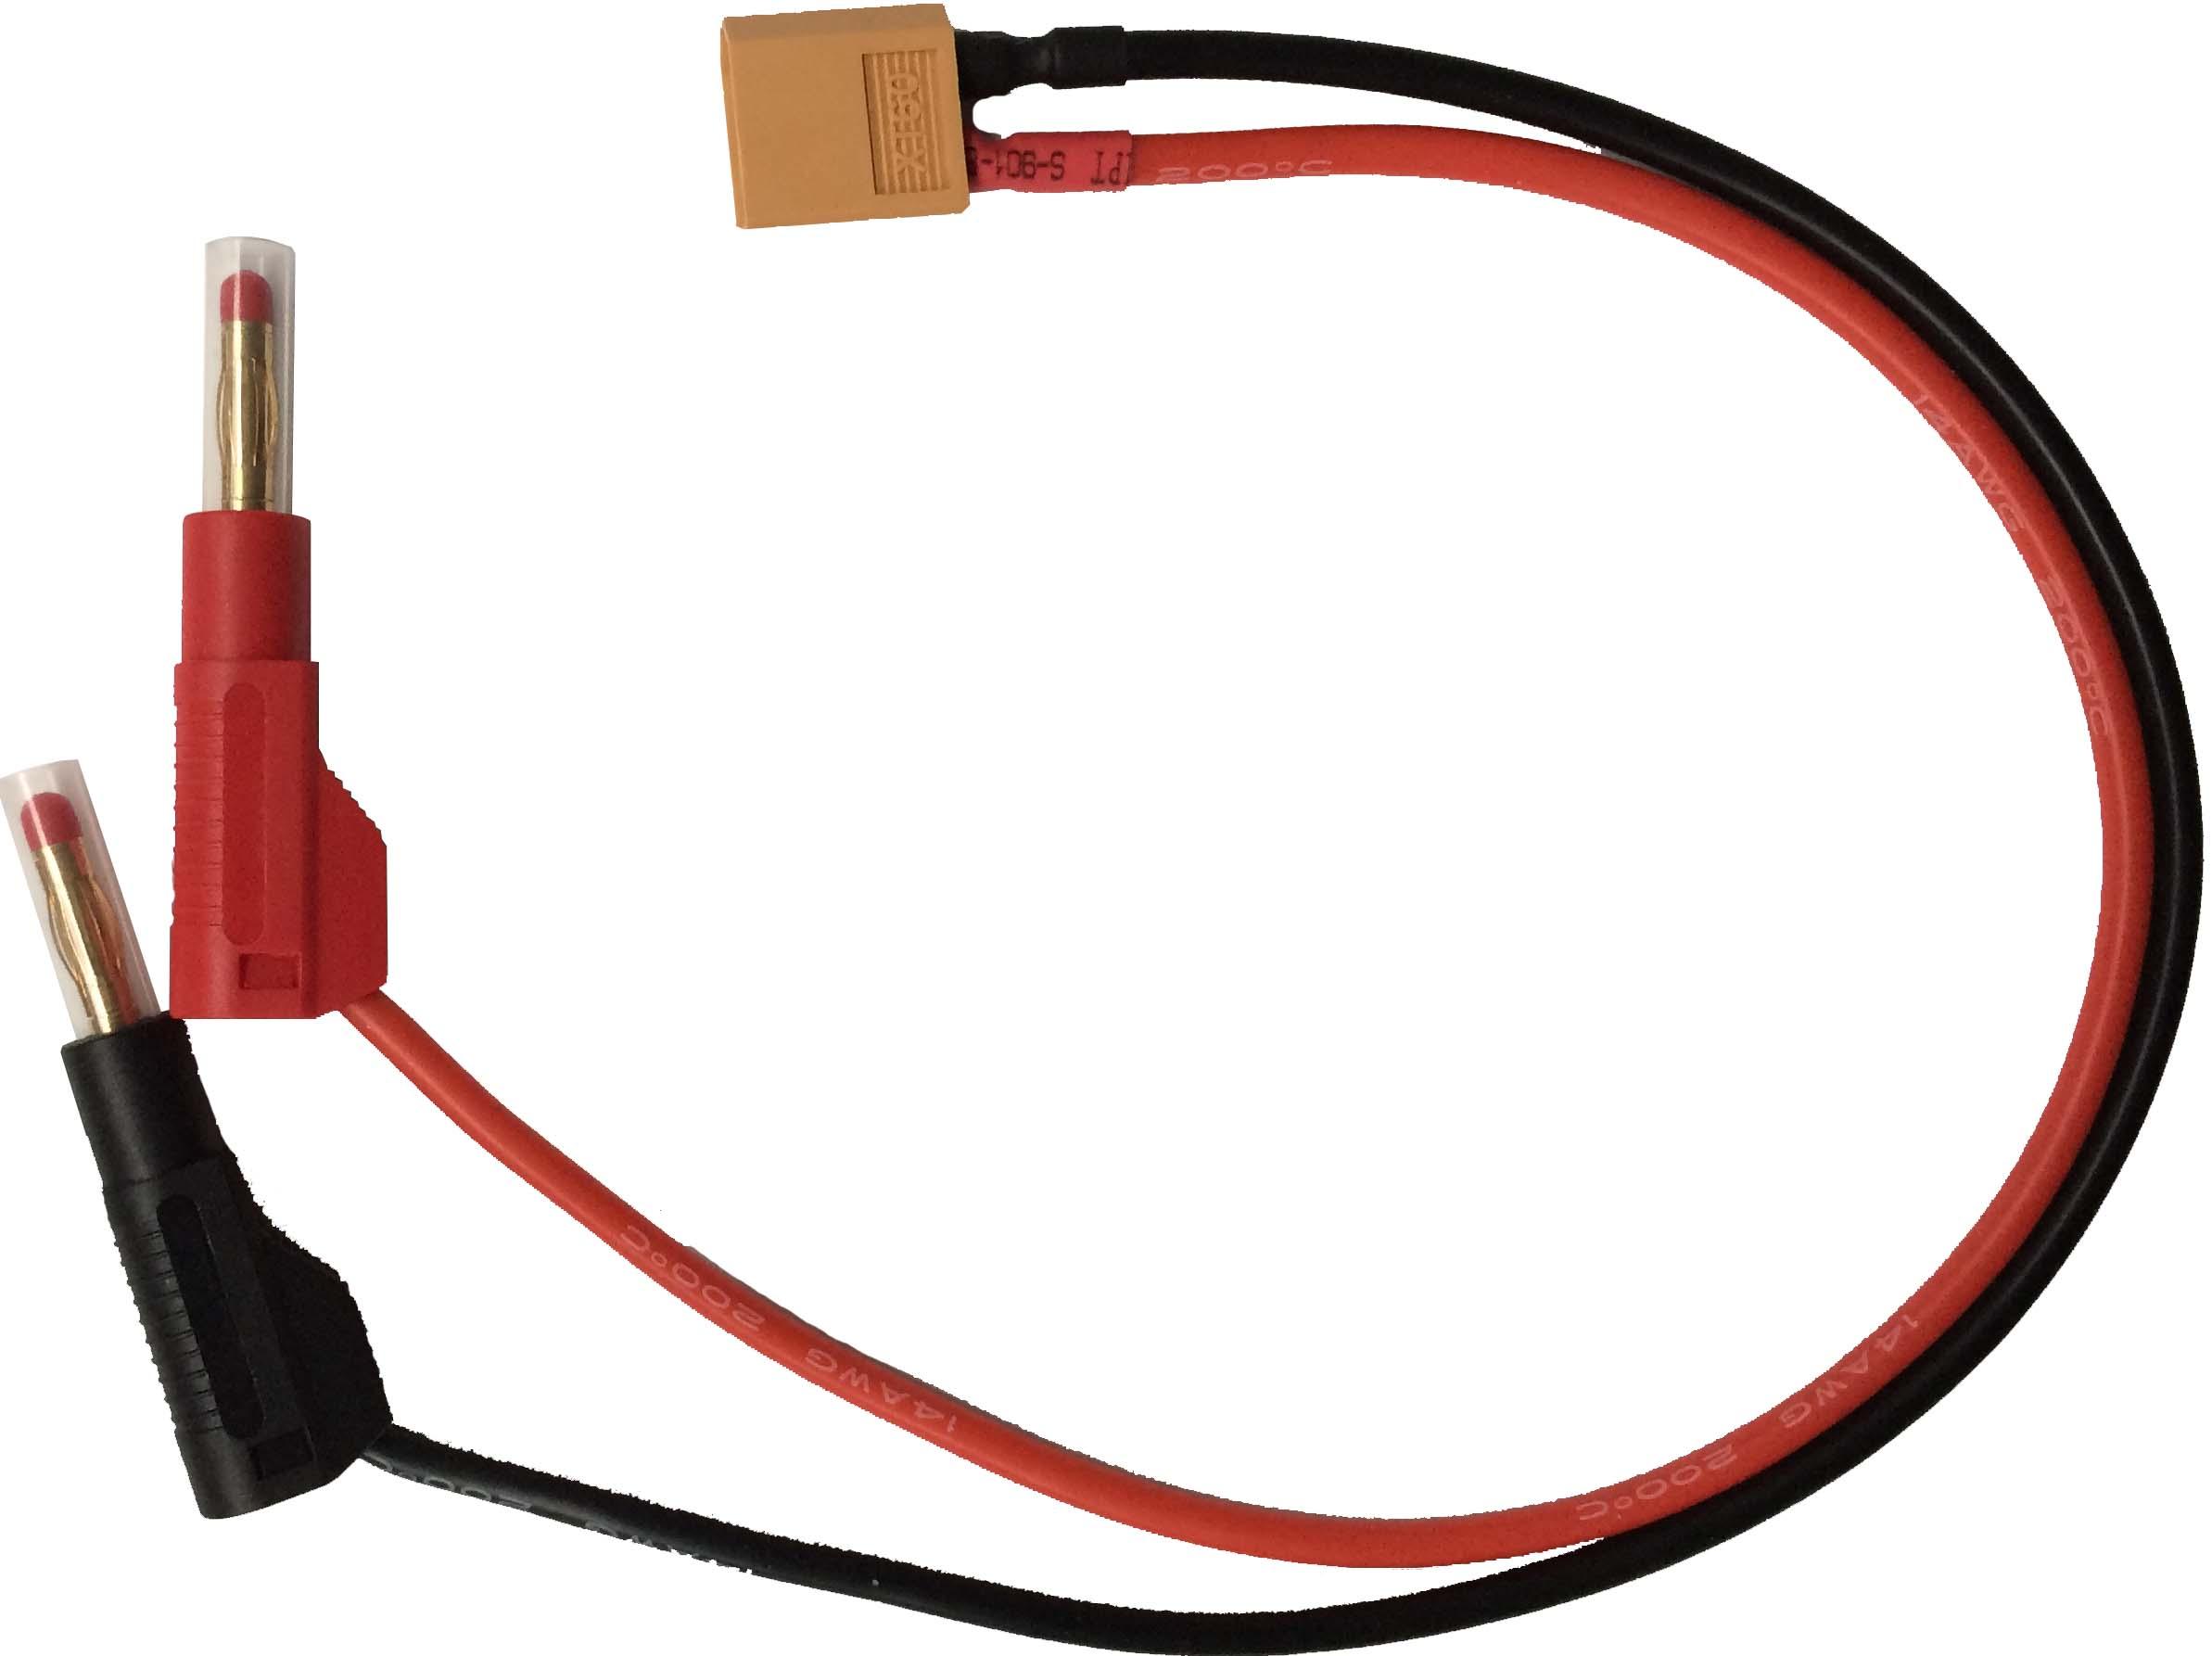 Ladekabel und -adapter, einzeln verpackt|Alle Typen, verpackt1